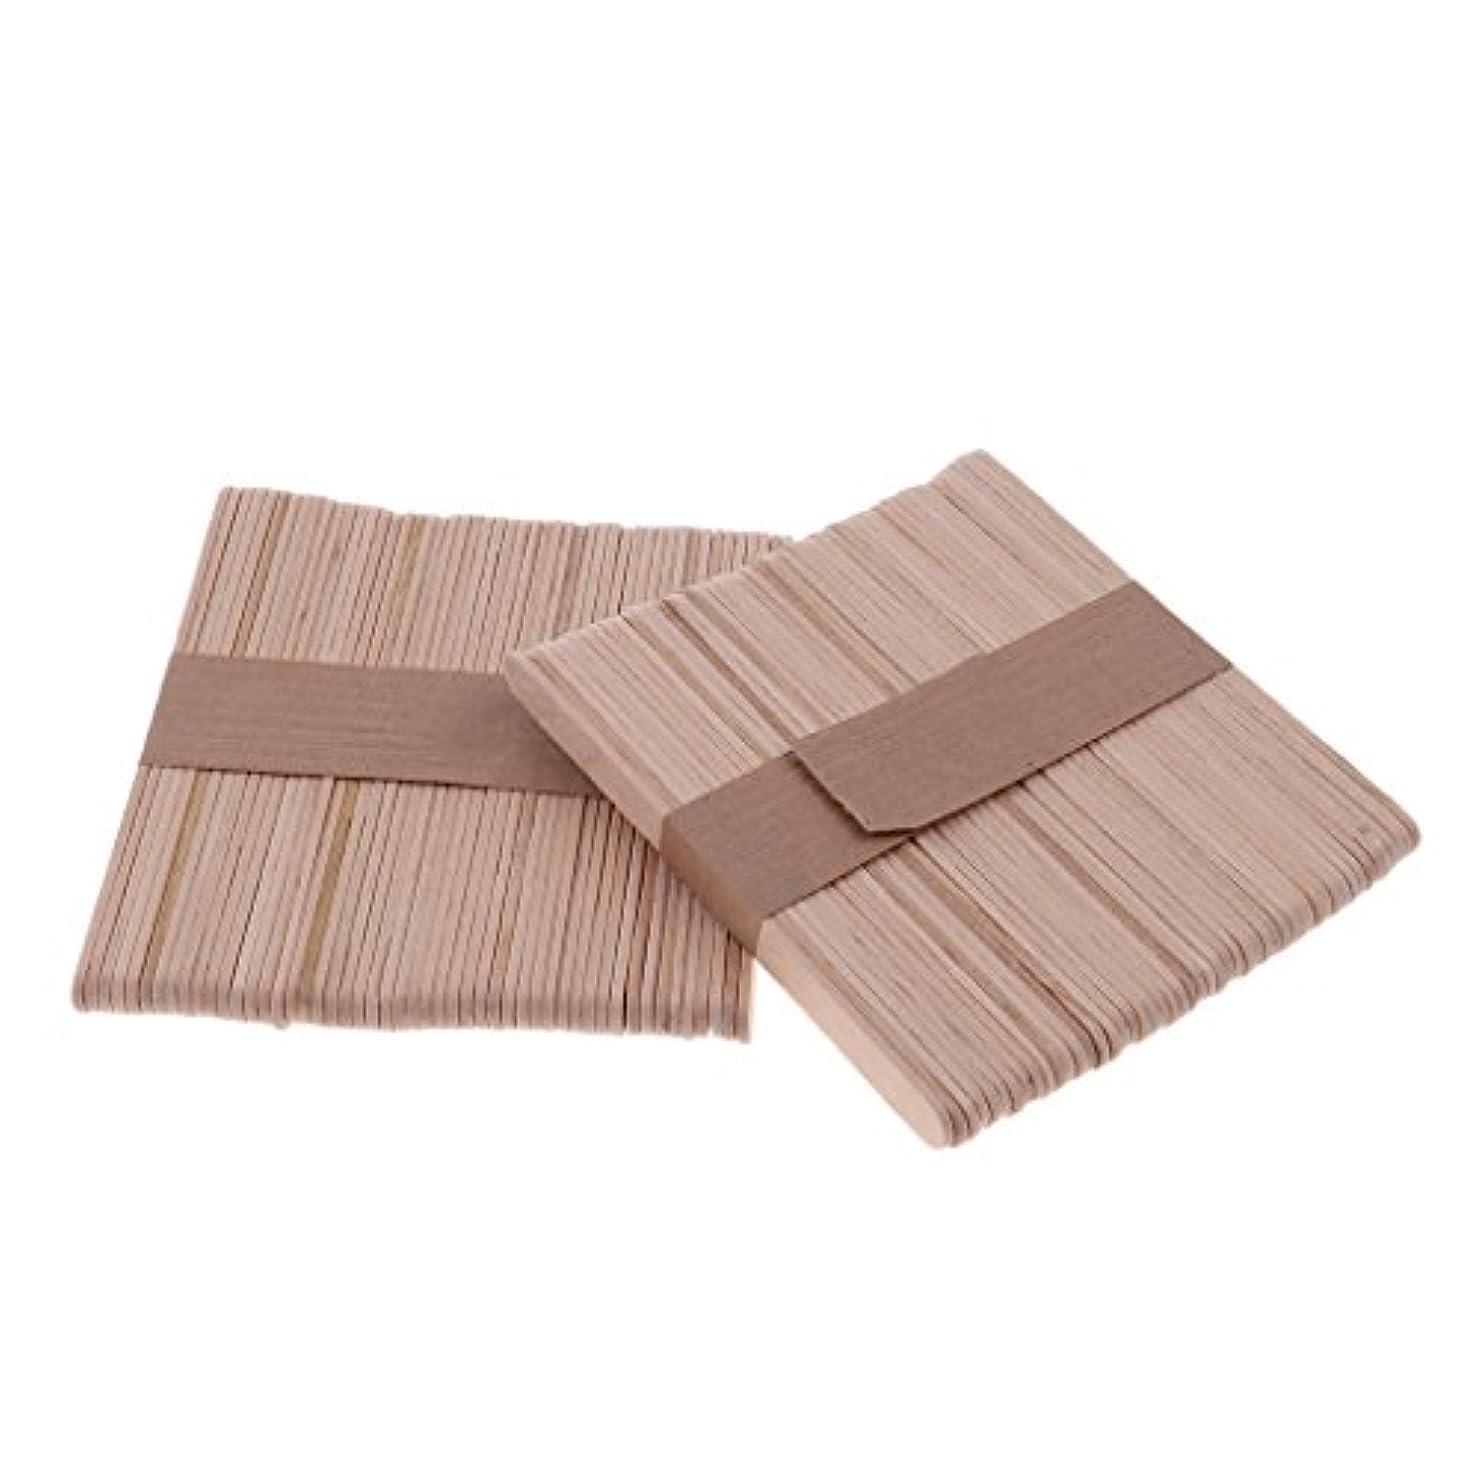 ライフル表示描写sharprepublic 木材スティック 脱毛 ワックス用 体毛除去 ウッド ワックススパチュラ 便利 200個セット - S